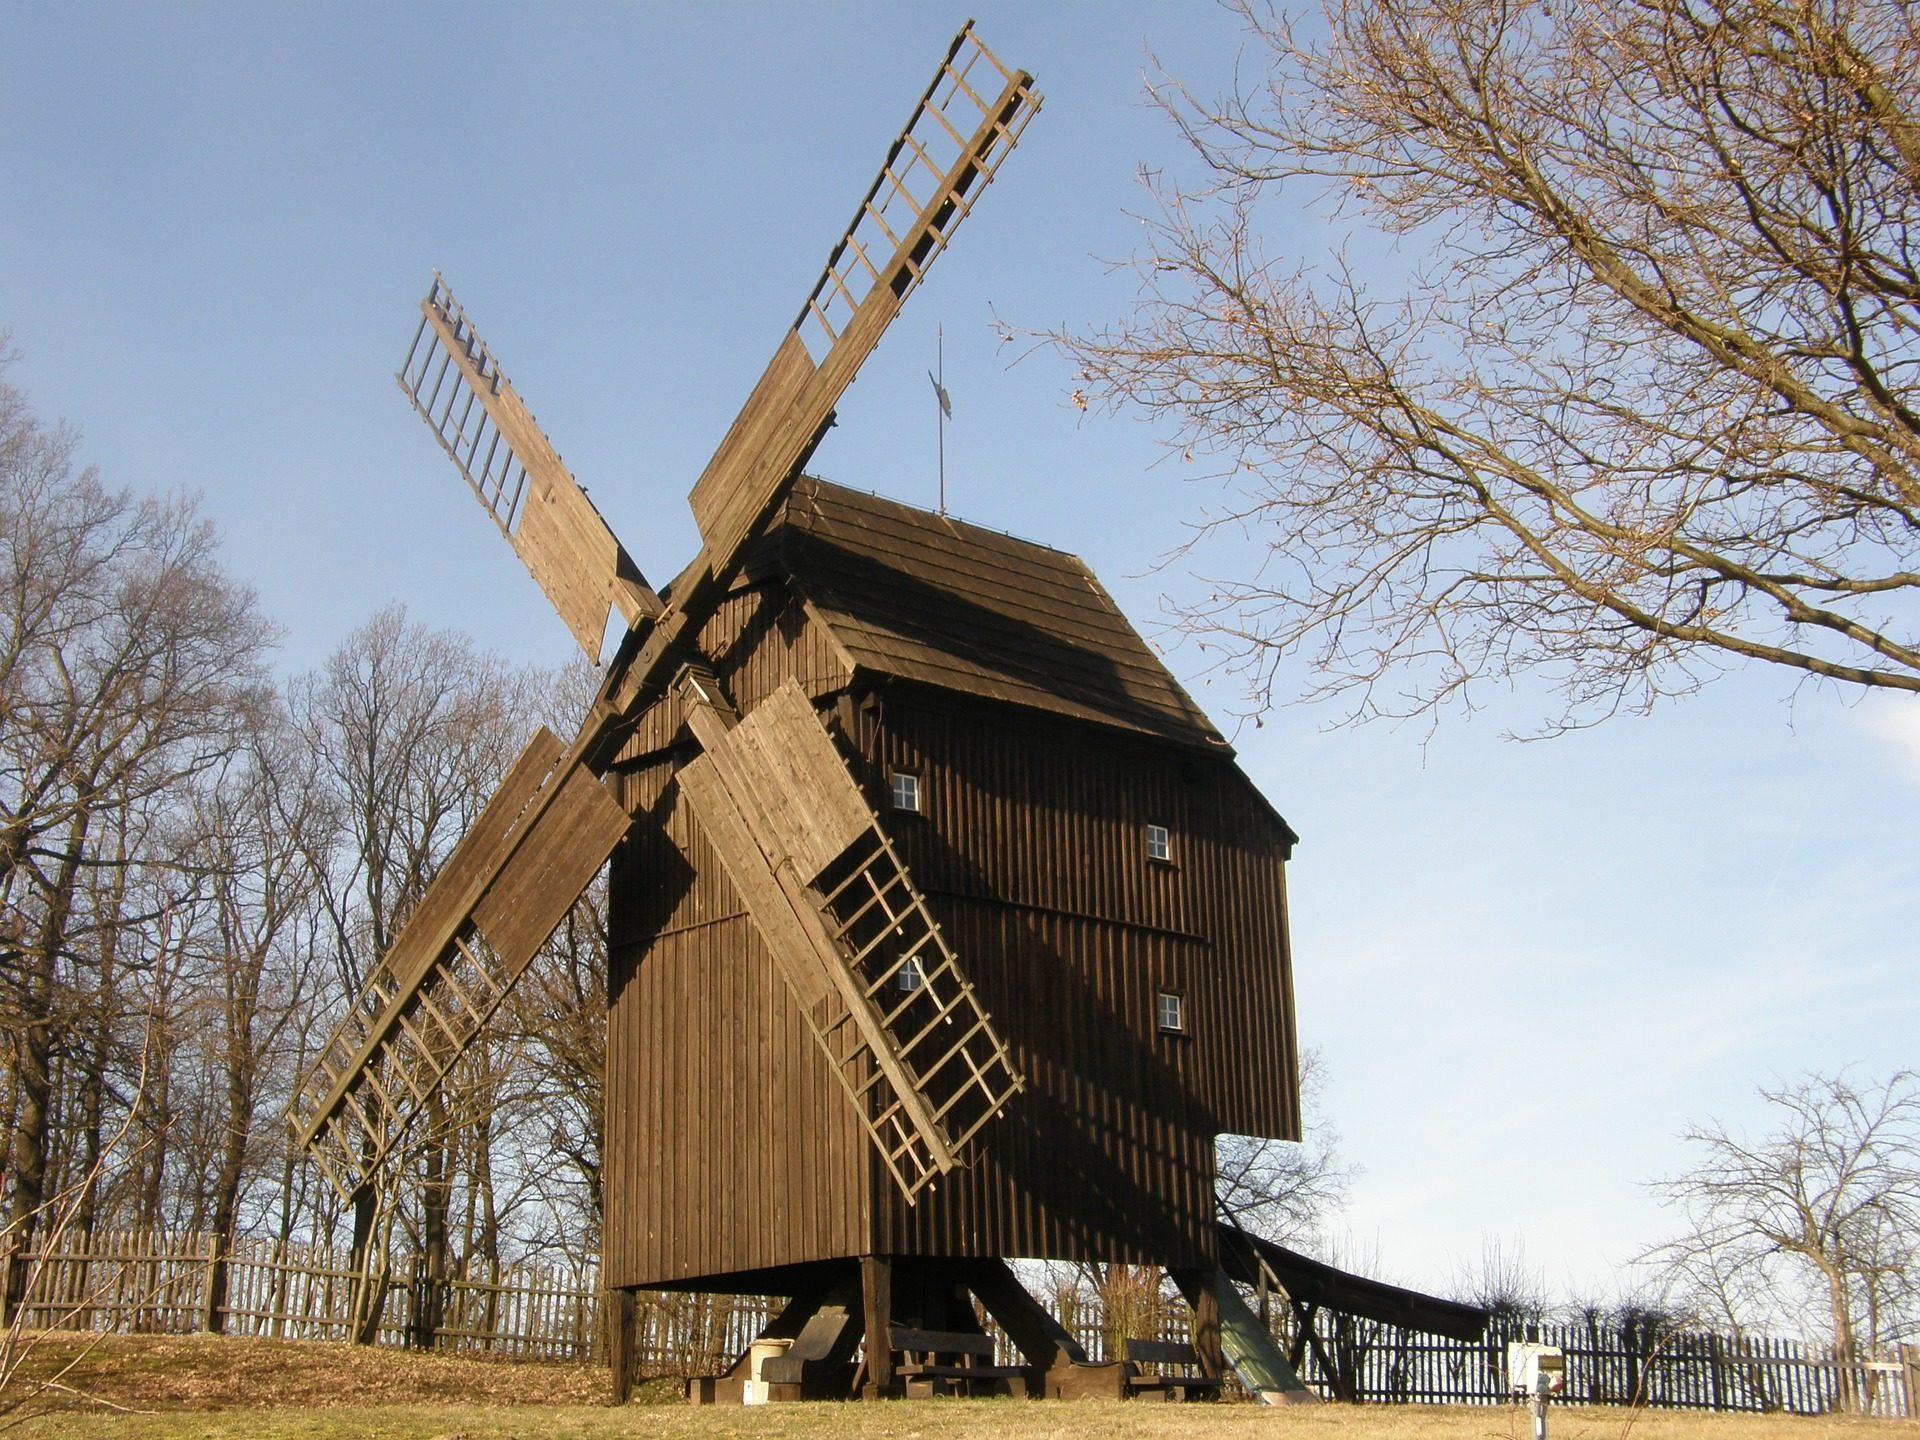 Fondo de pantalla de molino viento aspas madera for Piscina molino de viento y sombrilla